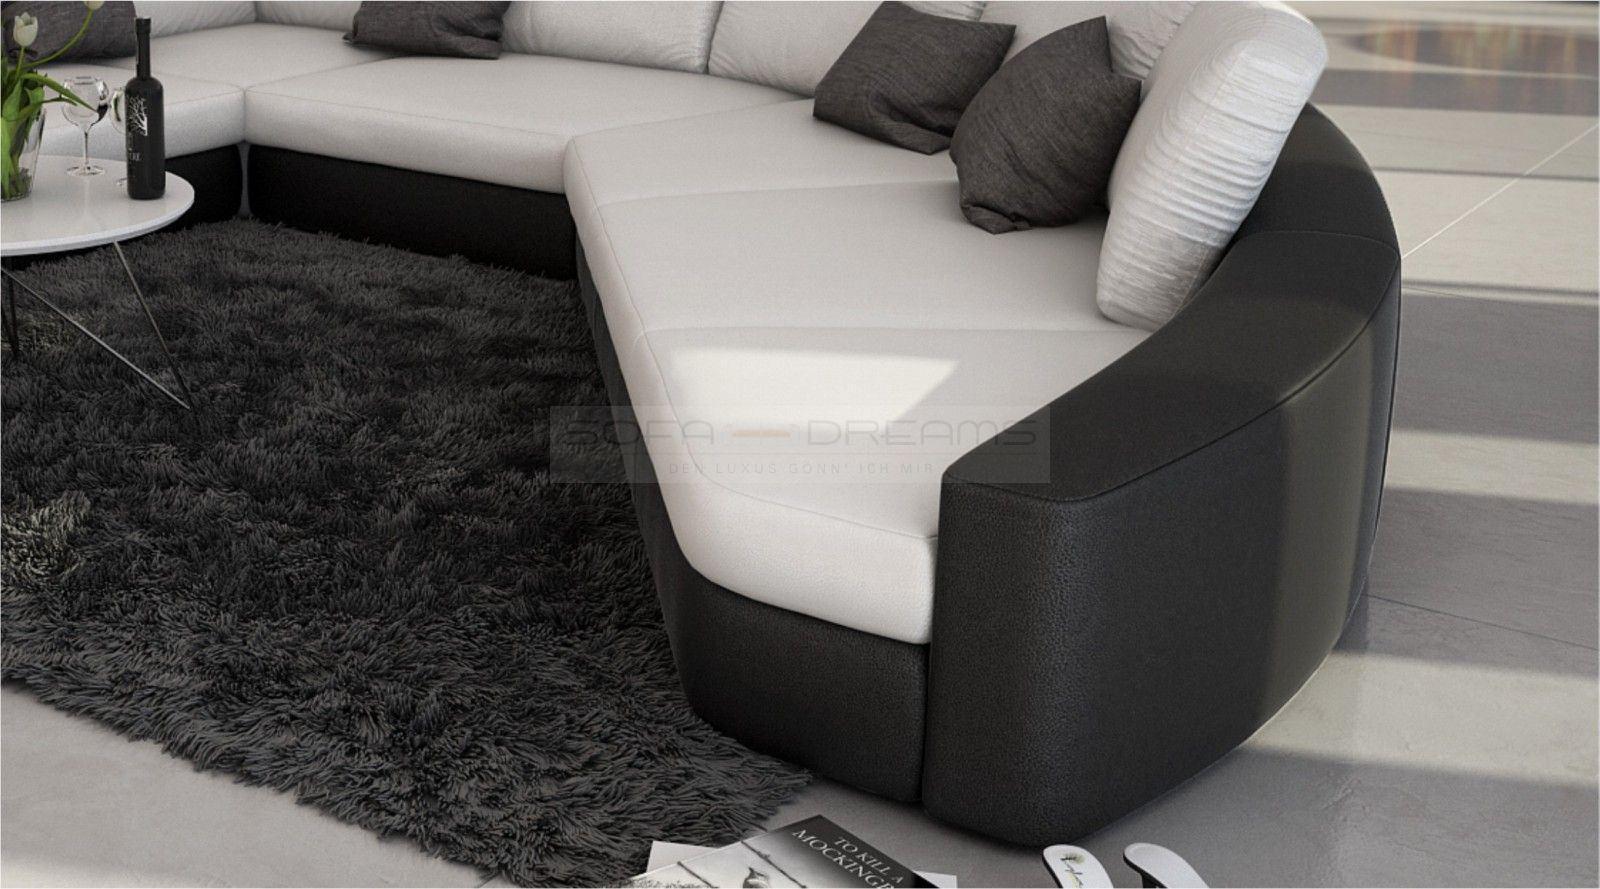 mondo convenienza divani in tessuto posti: divano letto in lino ... - Mobili Convenienza Rg